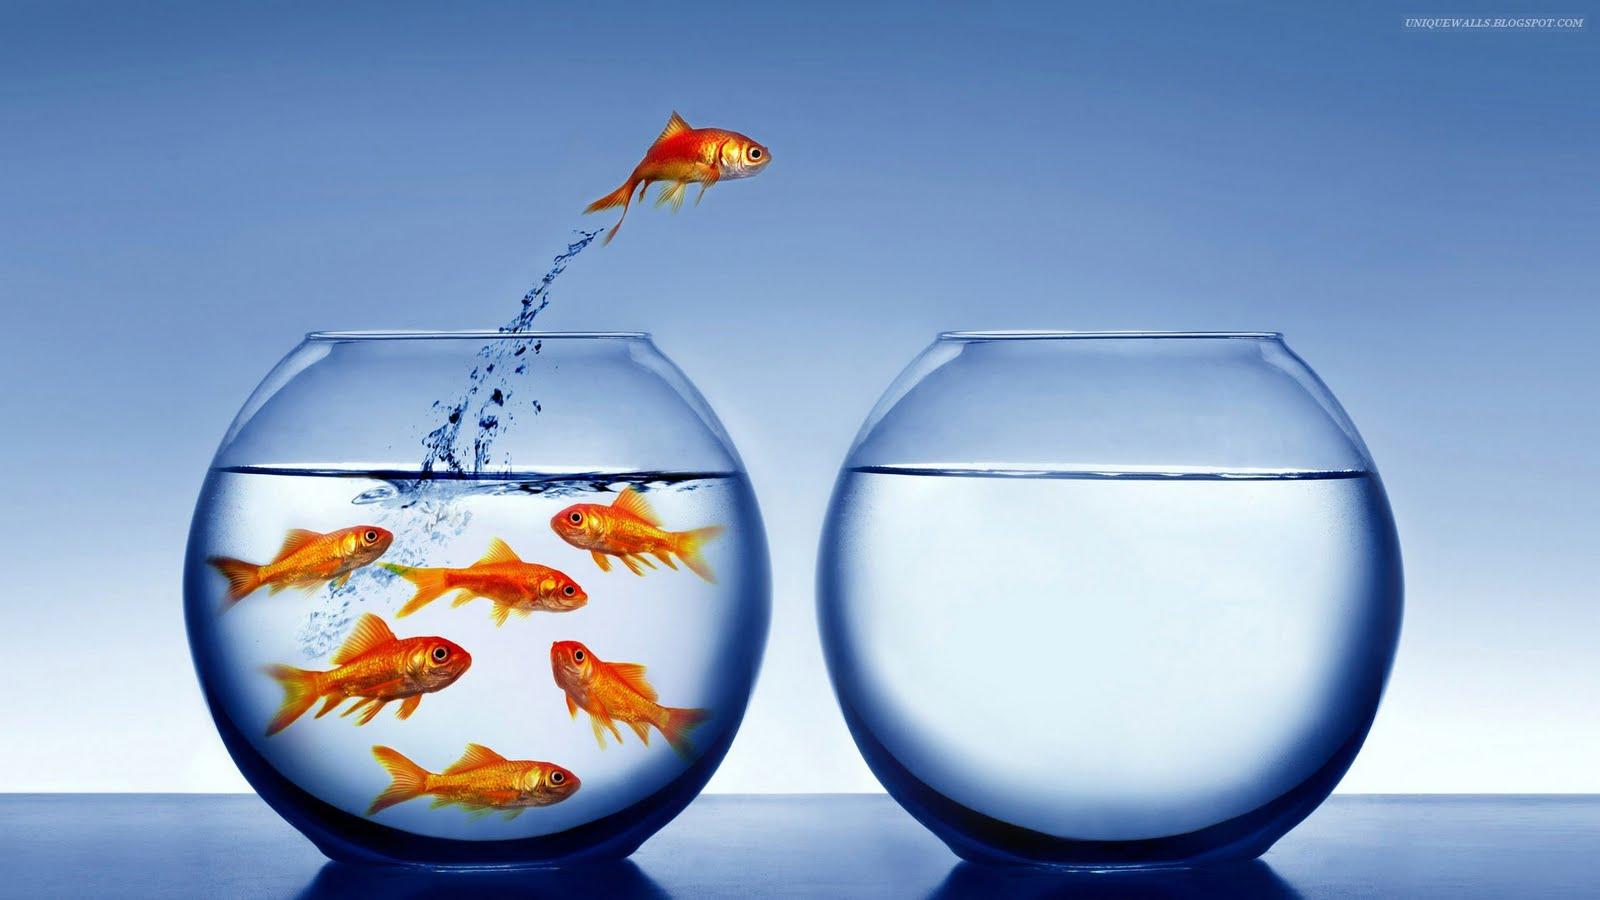 http://1.bp.blogspot.com/-5JXo5dKxFL8/S-UCobgezqI/AAAAAAAAAHU/J0g8rsj6cjs/s1600/goldfish_escaping_captivity.jpg